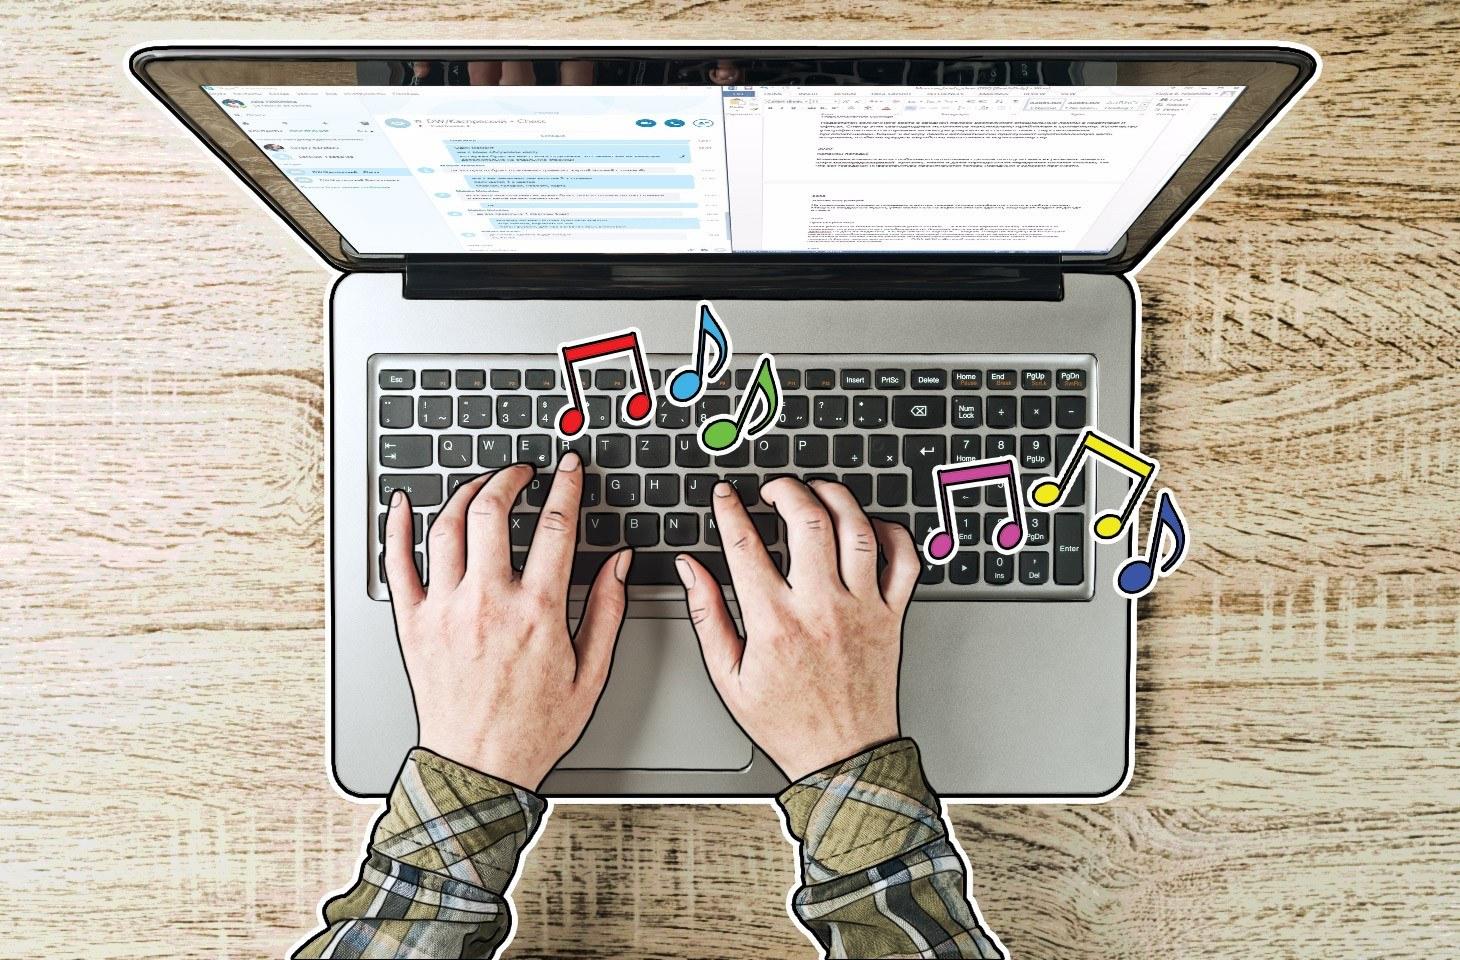 kaspersky nutilisez pas votre clavier pendant que vous skypez - Kaspersky: N'utilisez pas votre clavier pendant que vous skypez